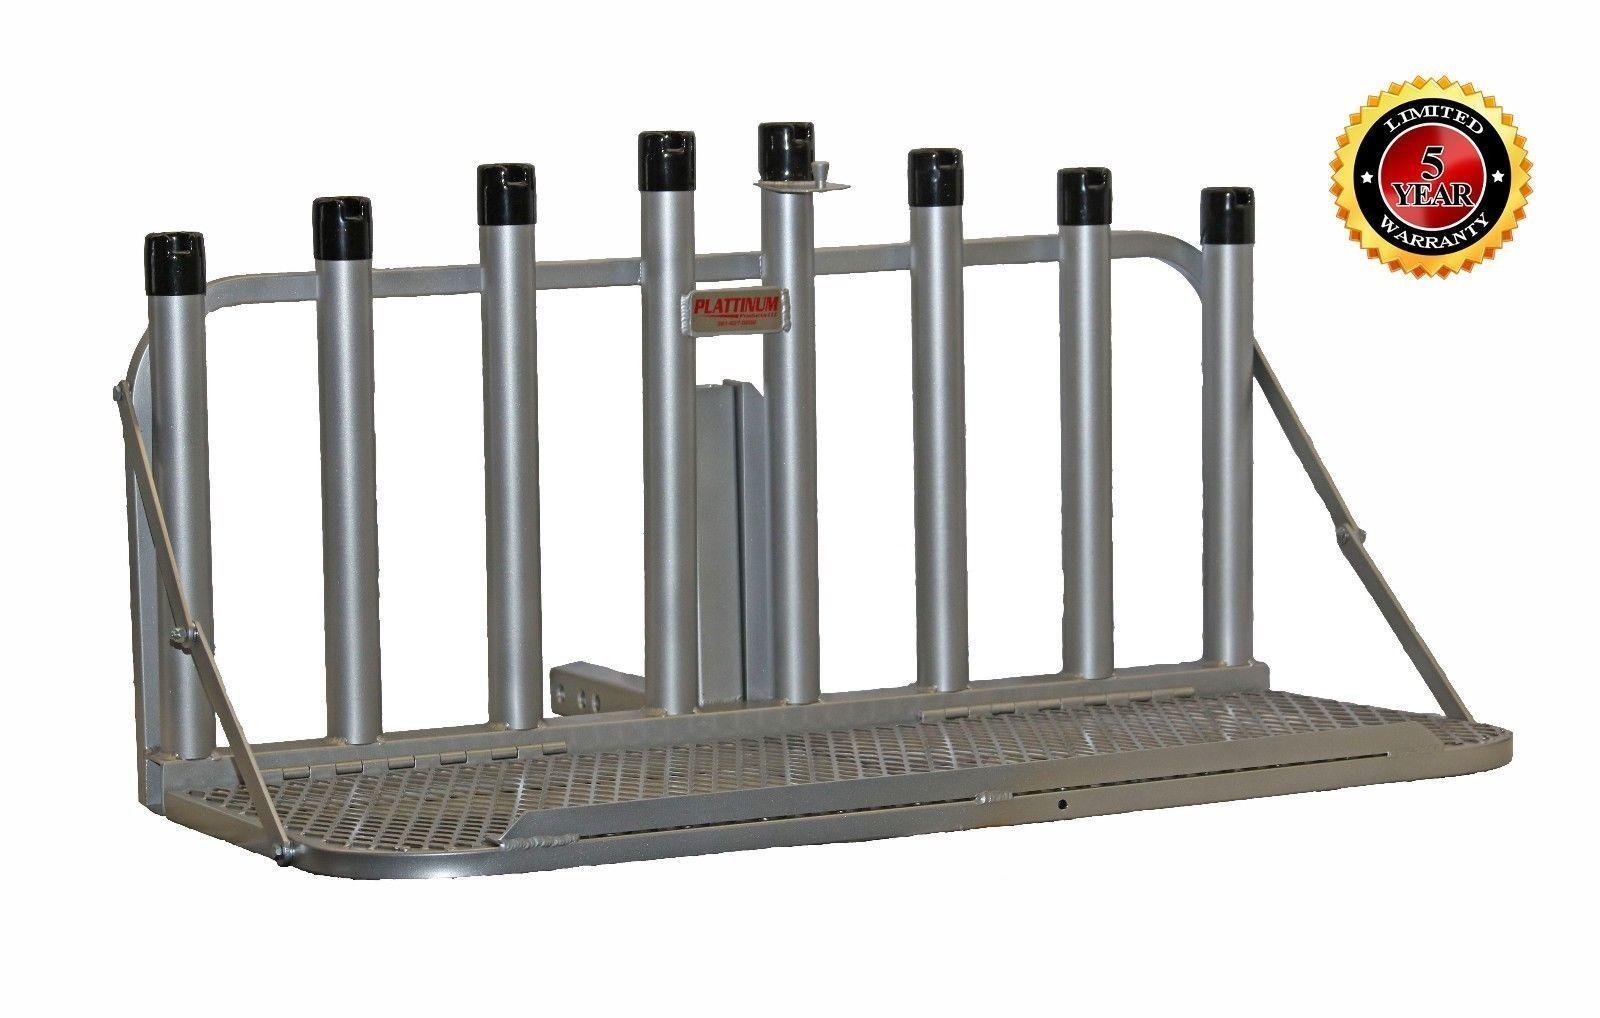 Plattinum, Fishing Rod Holder Cooler Holder With Fold Down  Platform Big Coolers  fast delivery